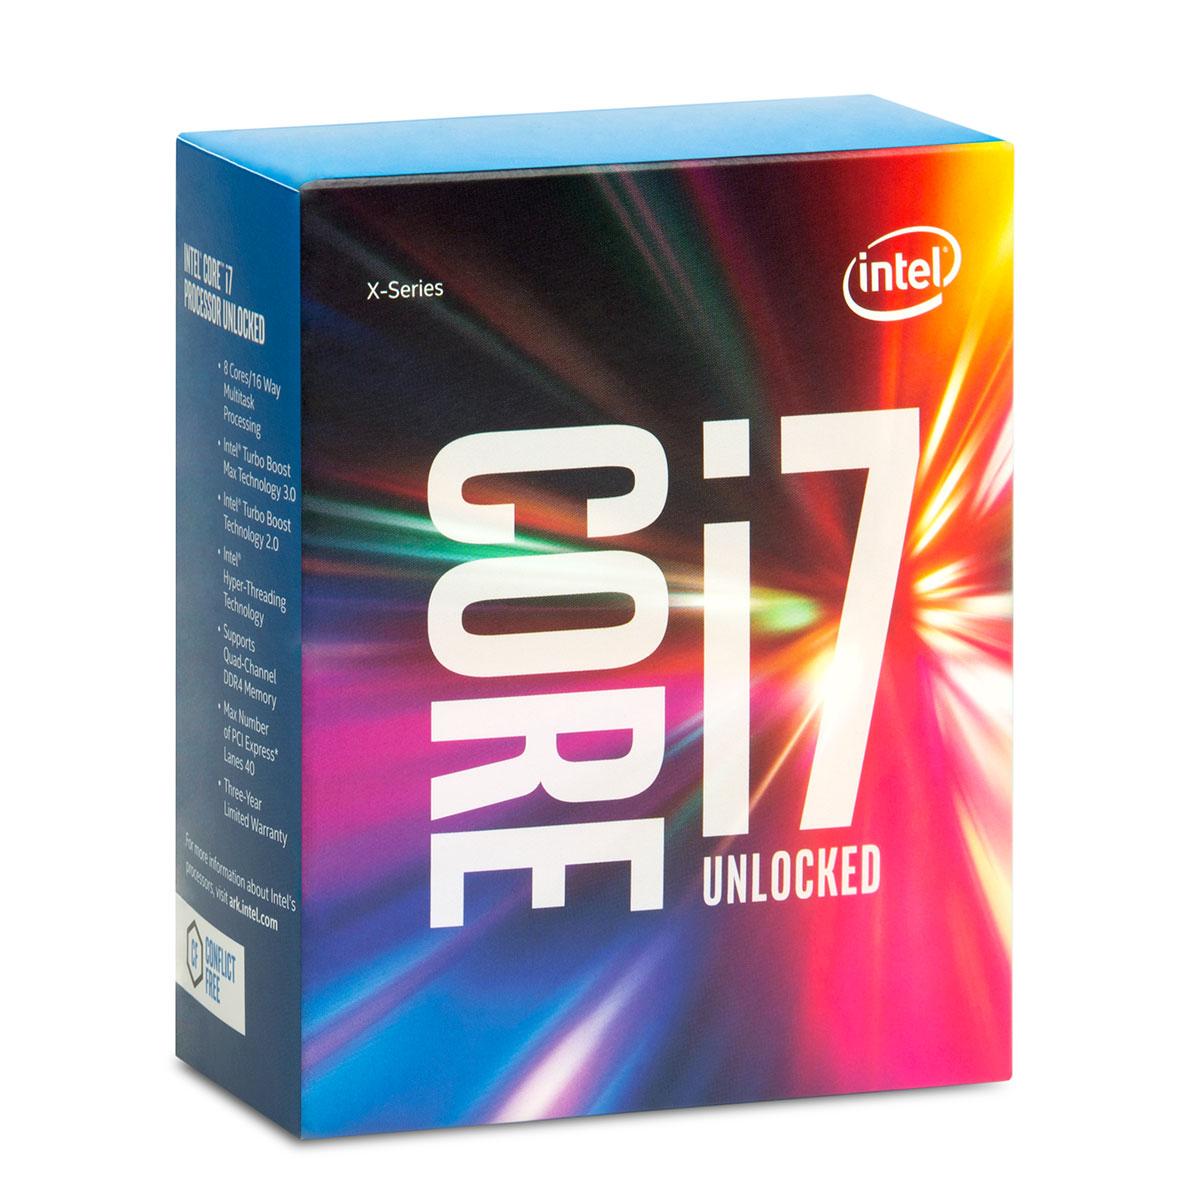 Processeur Intel Core i7-6900K (3.2 GHz) Processeur 8-Core Socket 2011-3 Cache L3 20 Mo 0.014 micron TDP 140W (version boîte sans ventilateur - garantie Intel 3 ans)